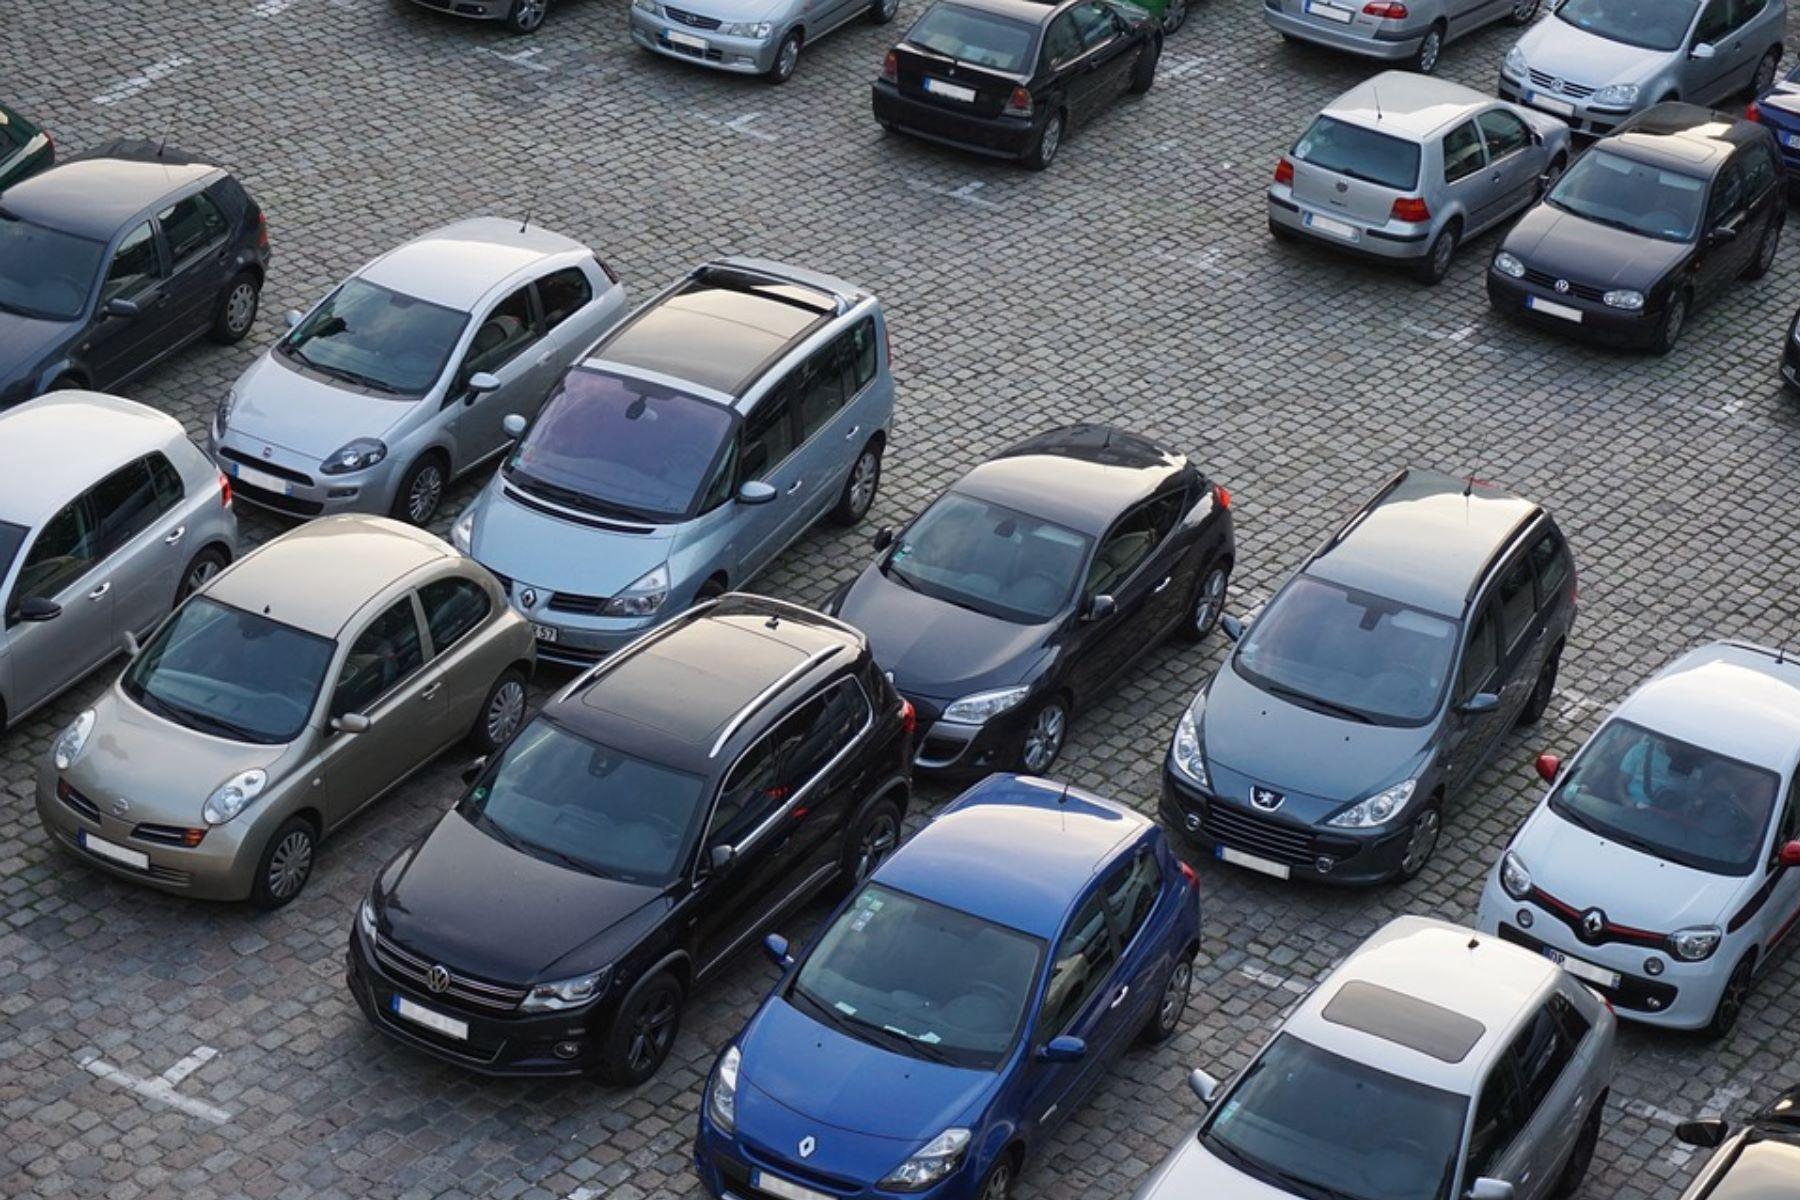 Aktuelle Fragestunde | Parkplatzregelung bei Krankenhäusern mit Augenmaß